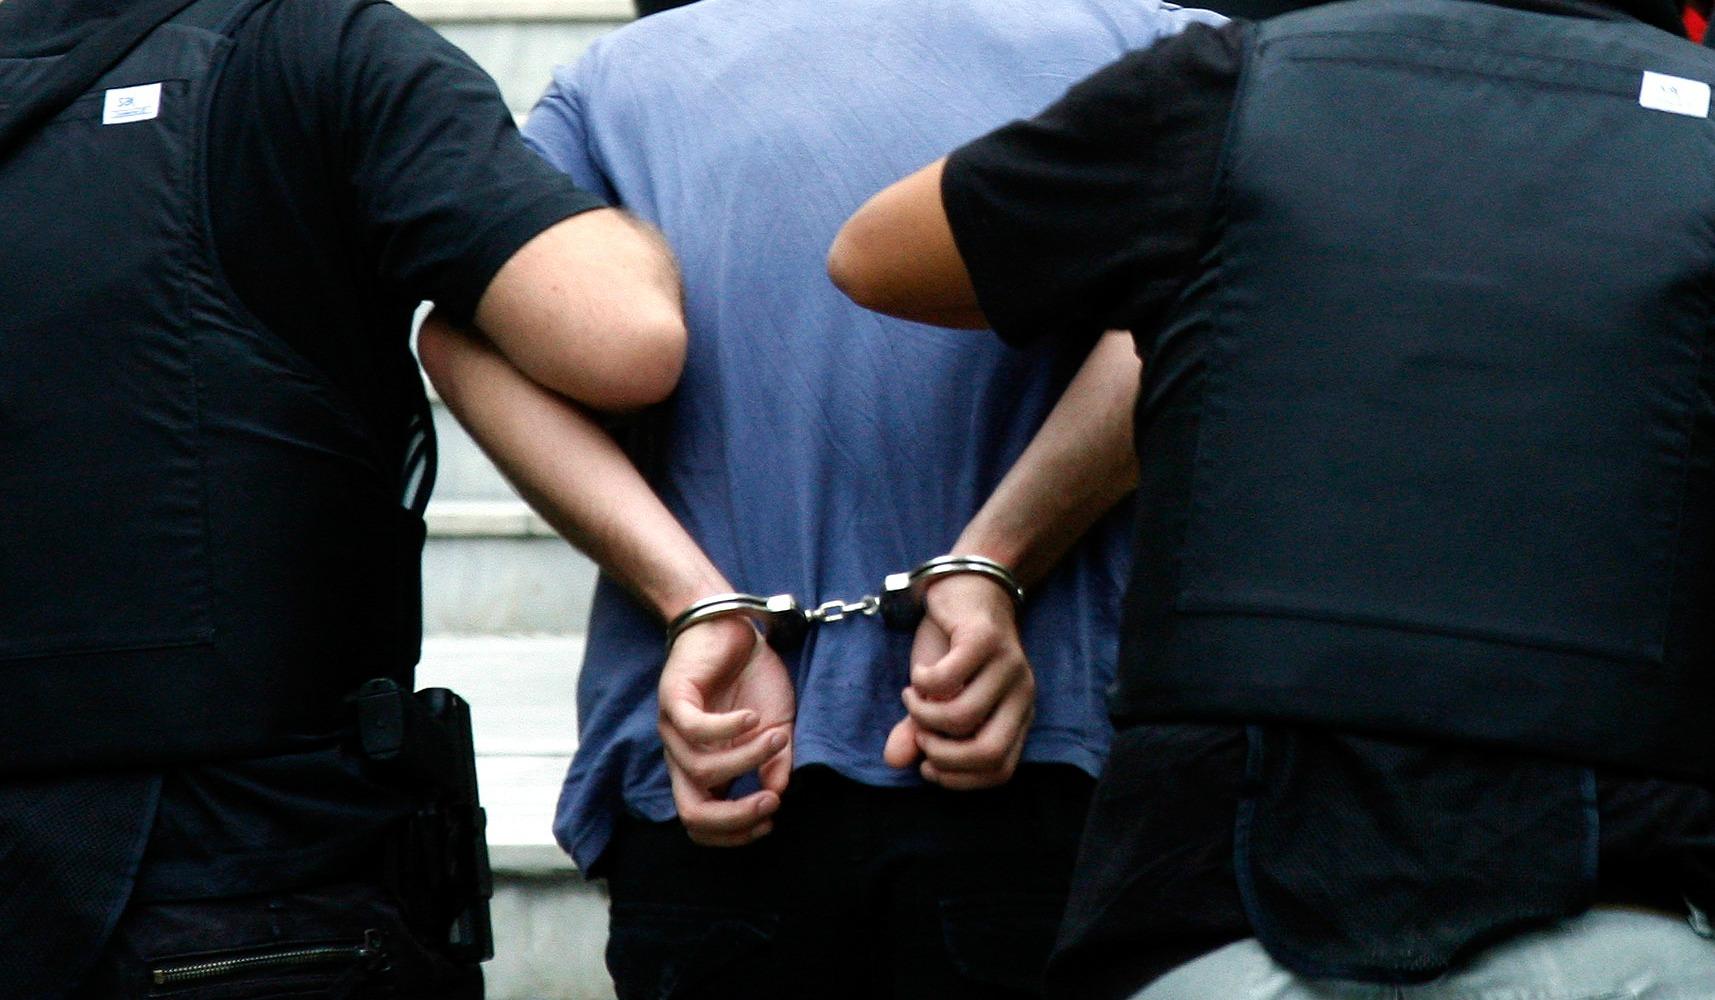 Σύλληψη αλλοδαπών στο Αγρίνιο για παράνομη είσοδο στη χώρα